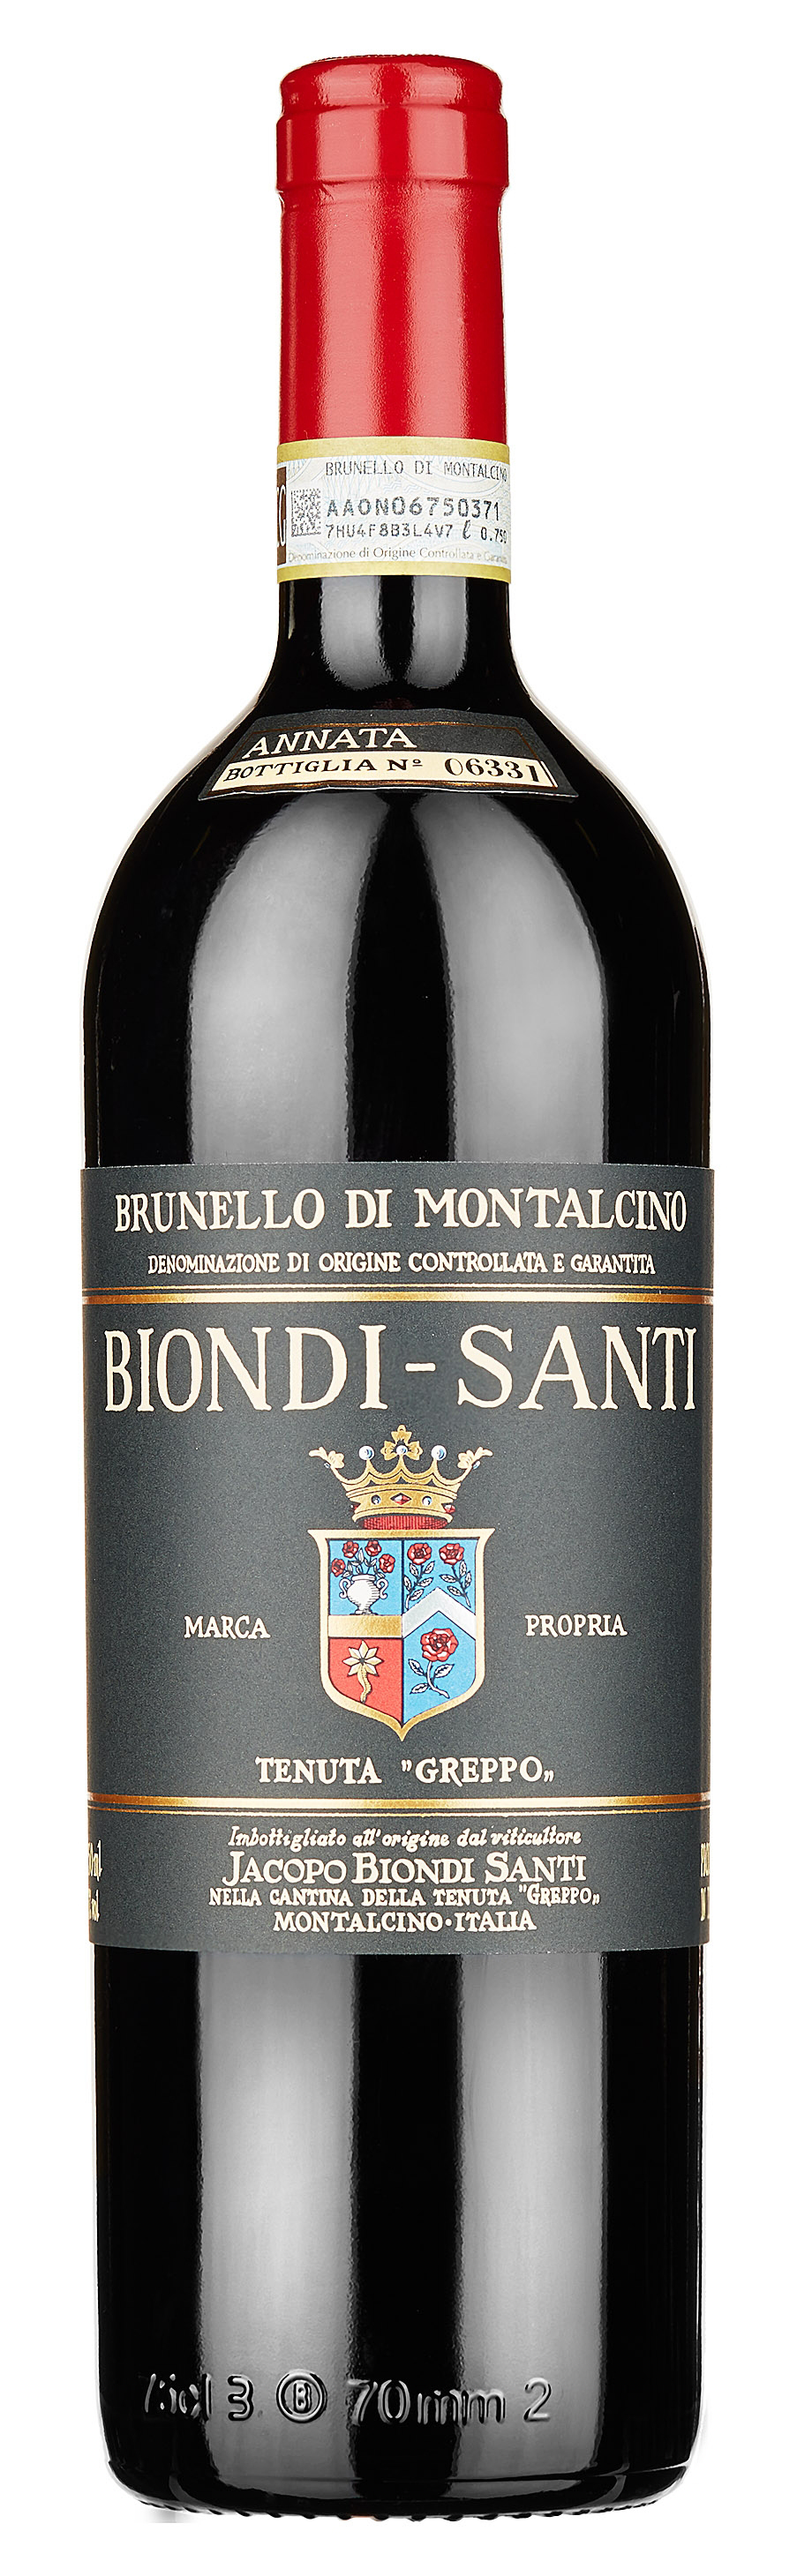 Biondi-Santi, Brunello di Montalcino 2012